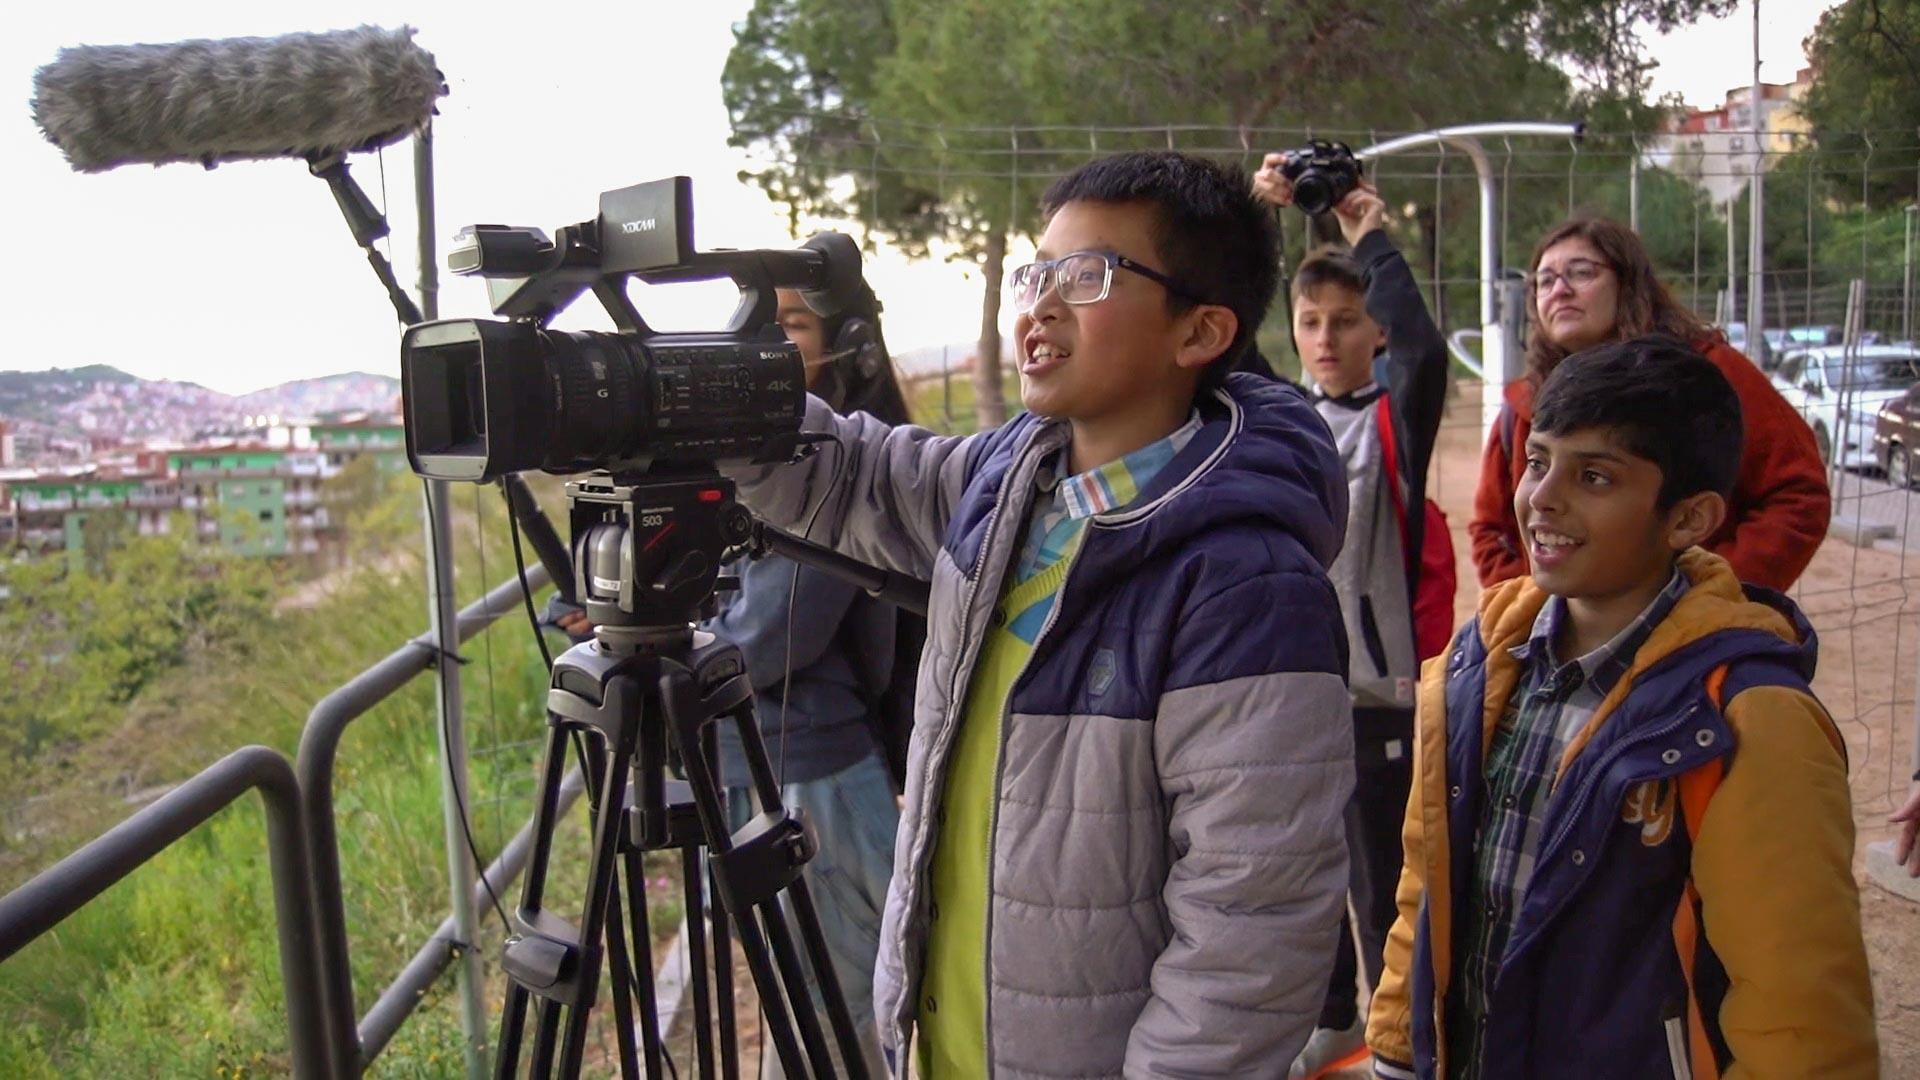 Alumnos del Institut Escola Trinitat Nova de Barcelona. © Cine en curso